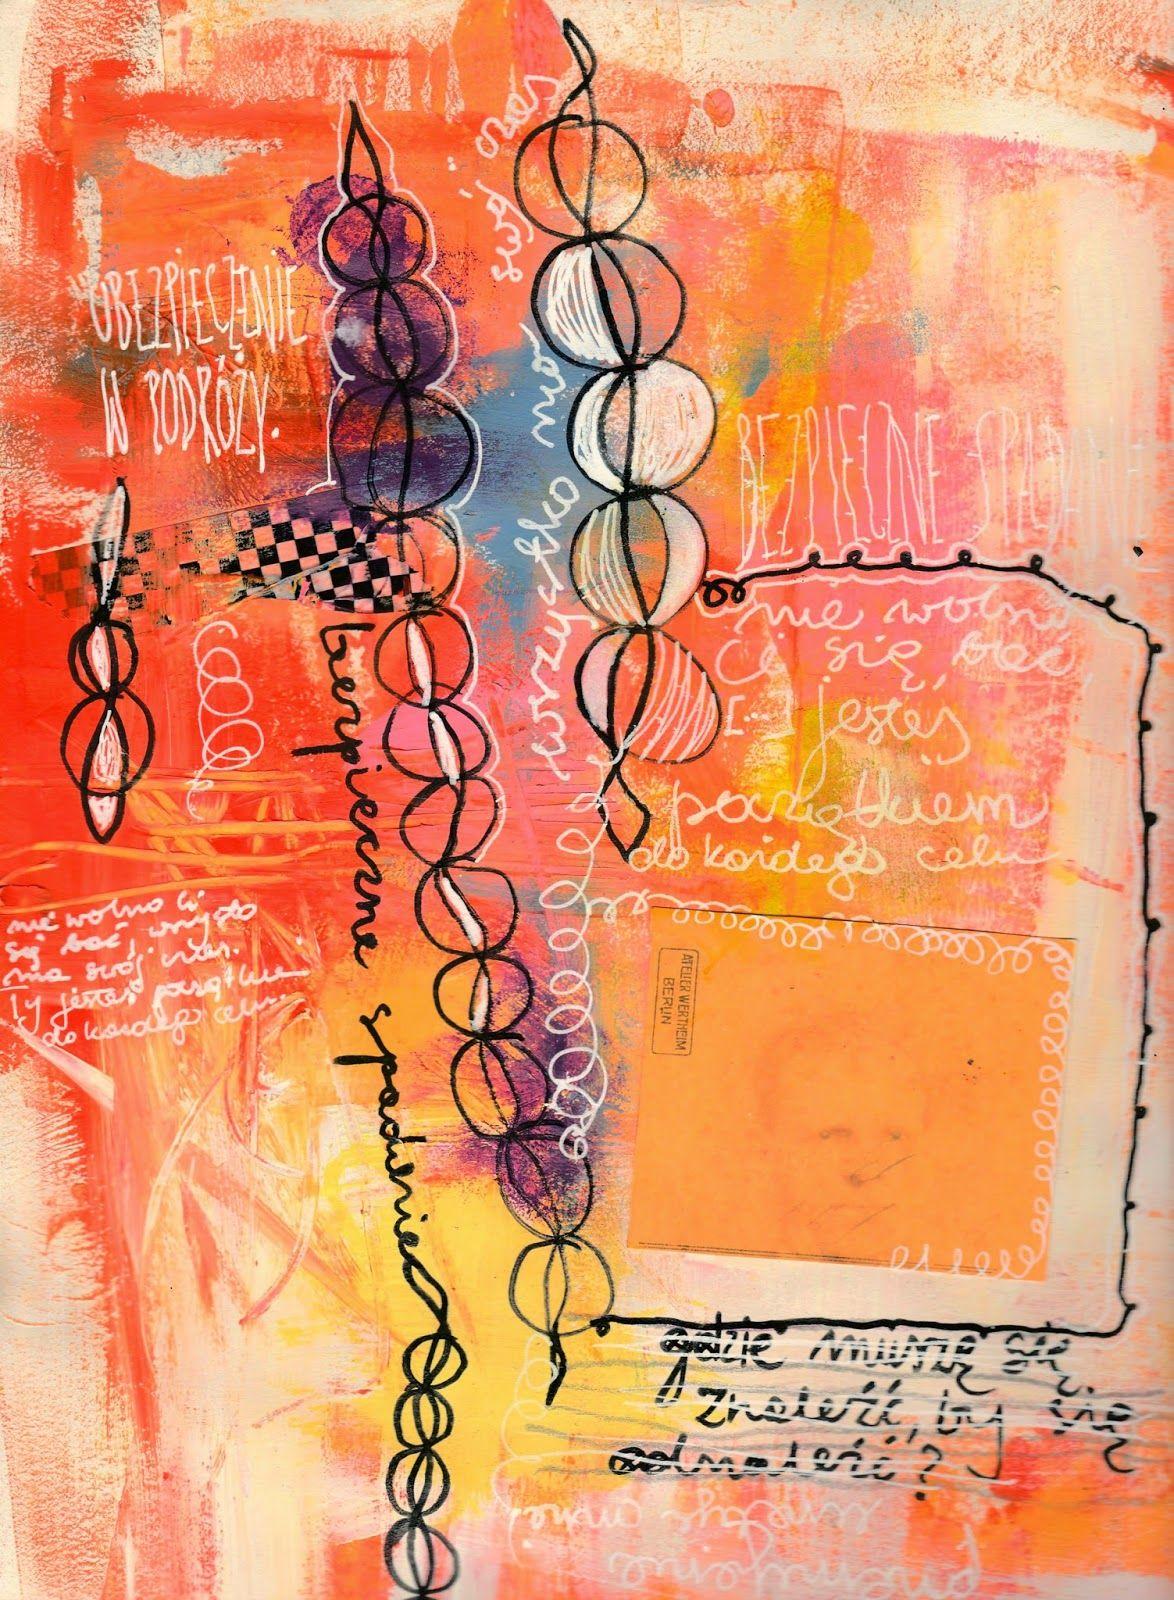 Czekoczyna - Kasia Krzyminska: Create without thinking - express art journal page + candy!